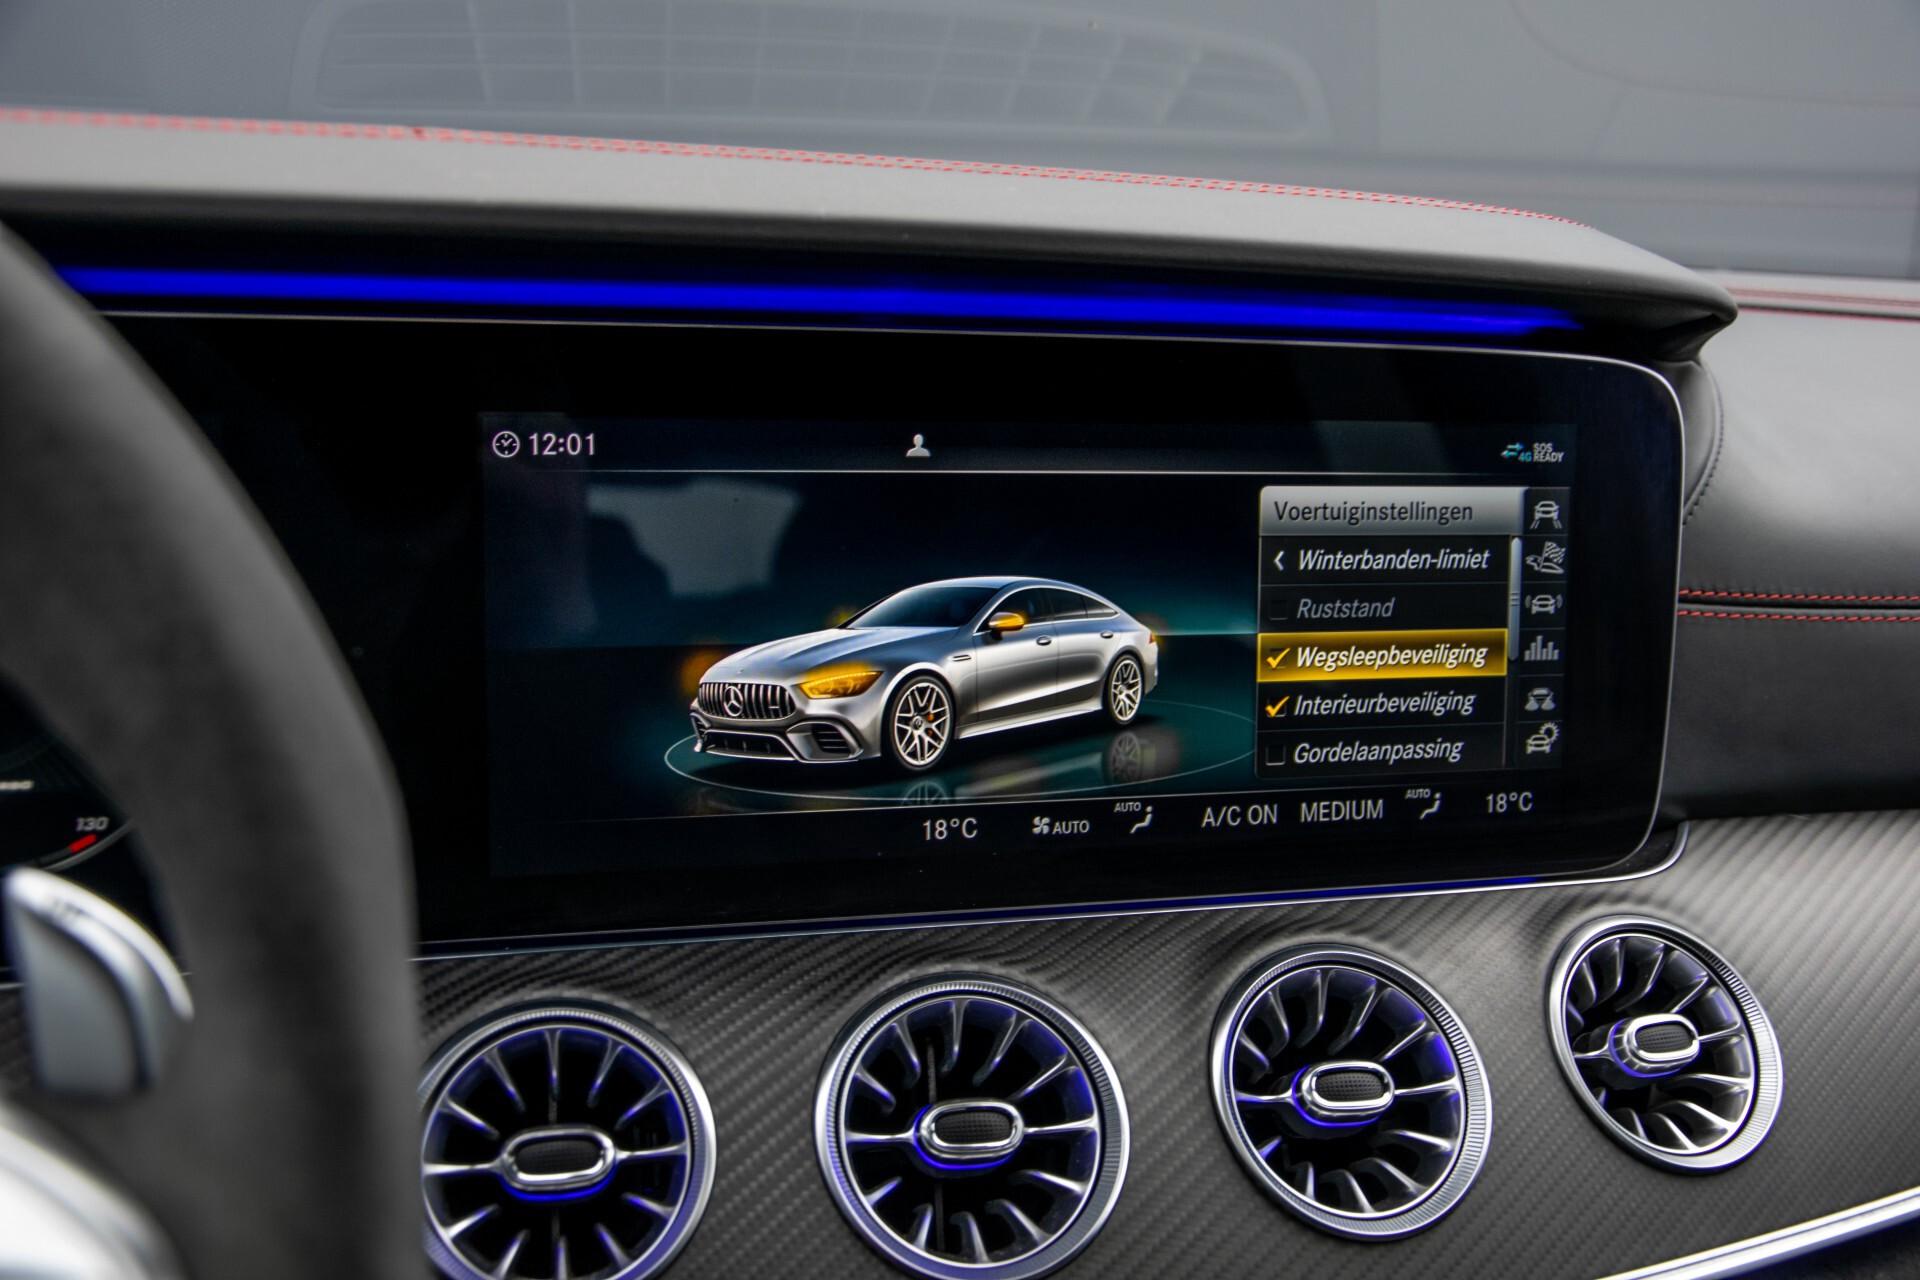 Mercedes-Benz AMG GT 4-Door Coupe 63 S 4M+ Keramisch/Full Carbon/Aerodynamica/Burmester 3D/TV/Performance stoelen/Standkachel Aut9 Foto 41